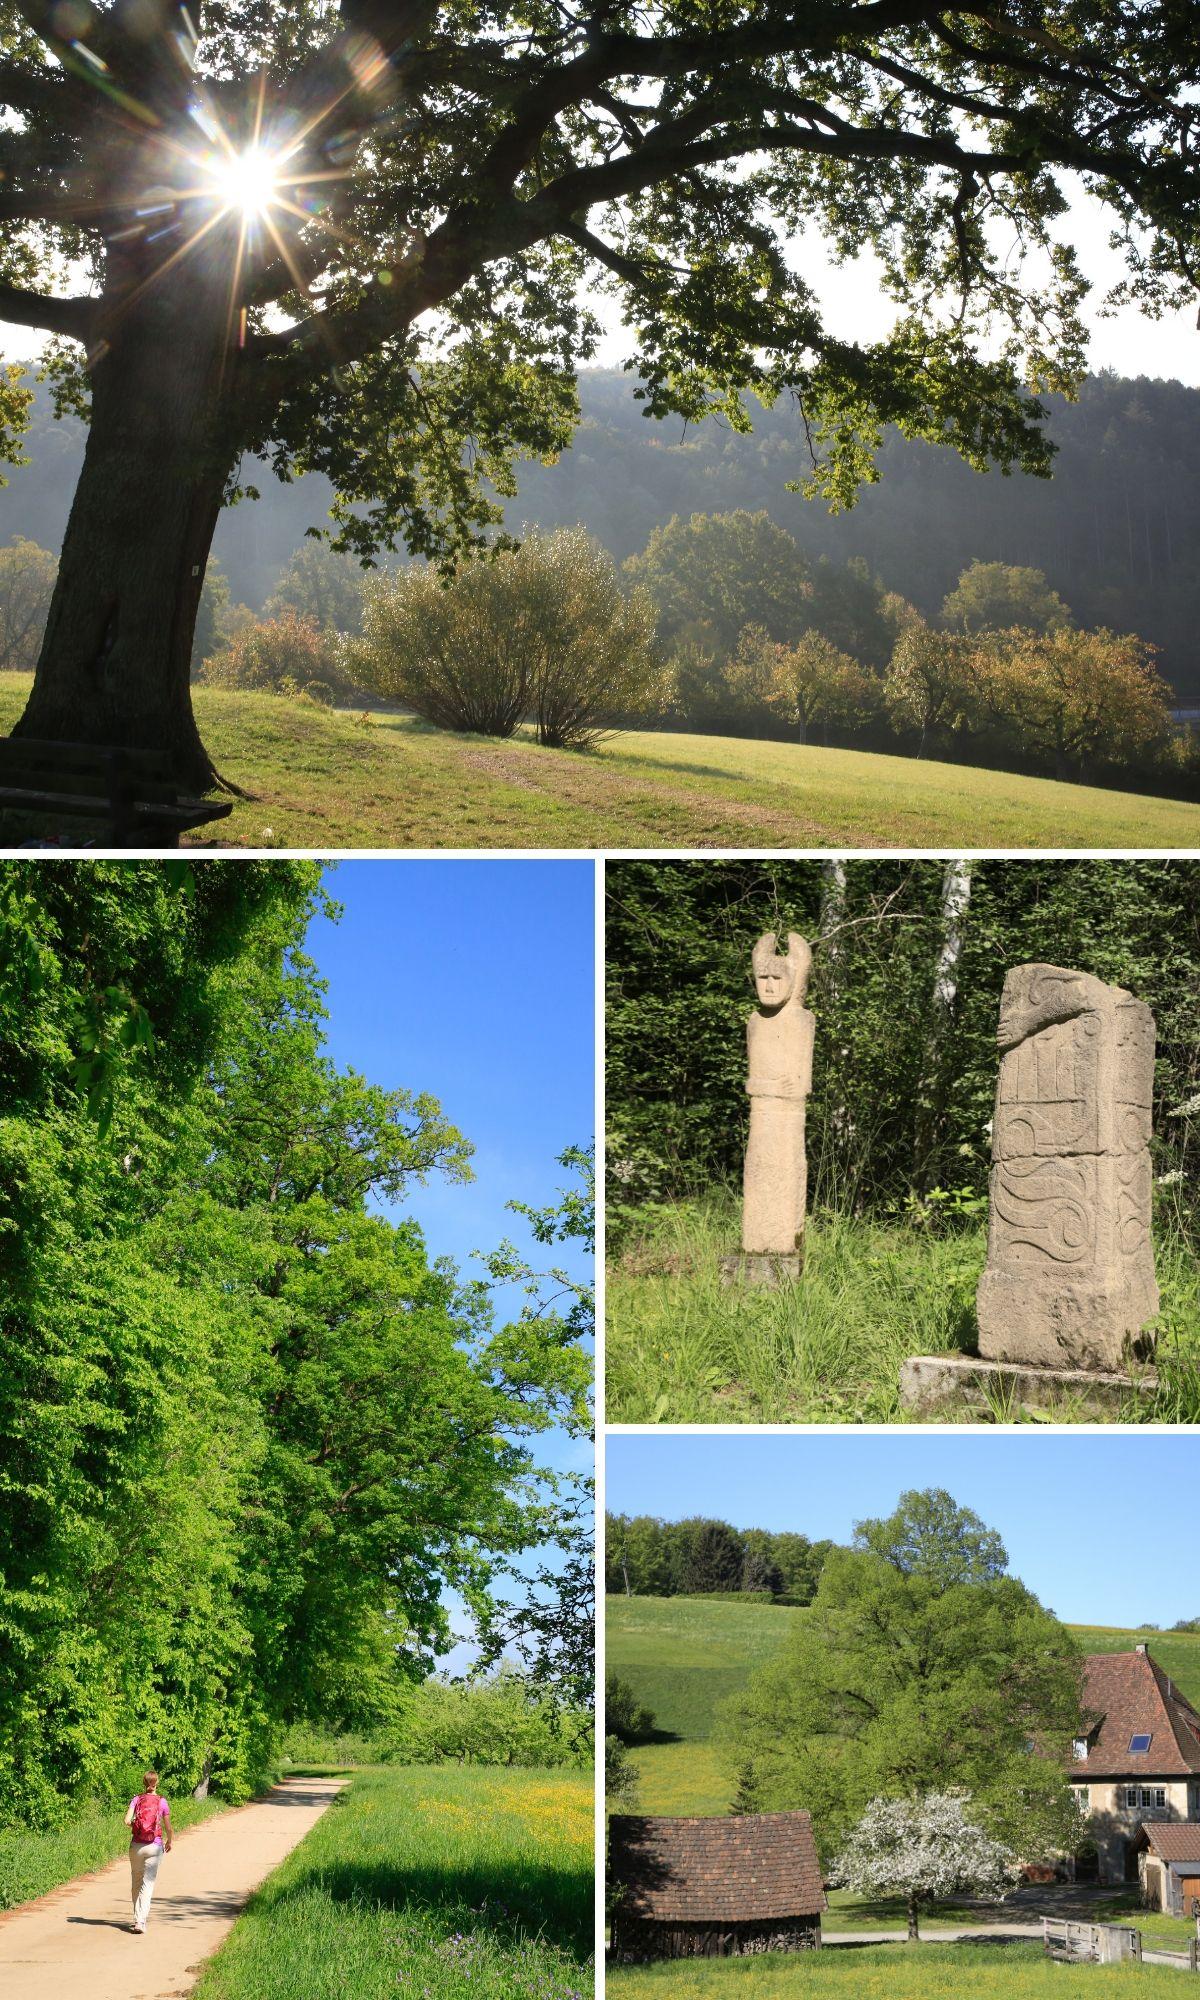 Eindrücke der Spaziergänge des neuen Guest Gliedes Leinfelden Echterdingen